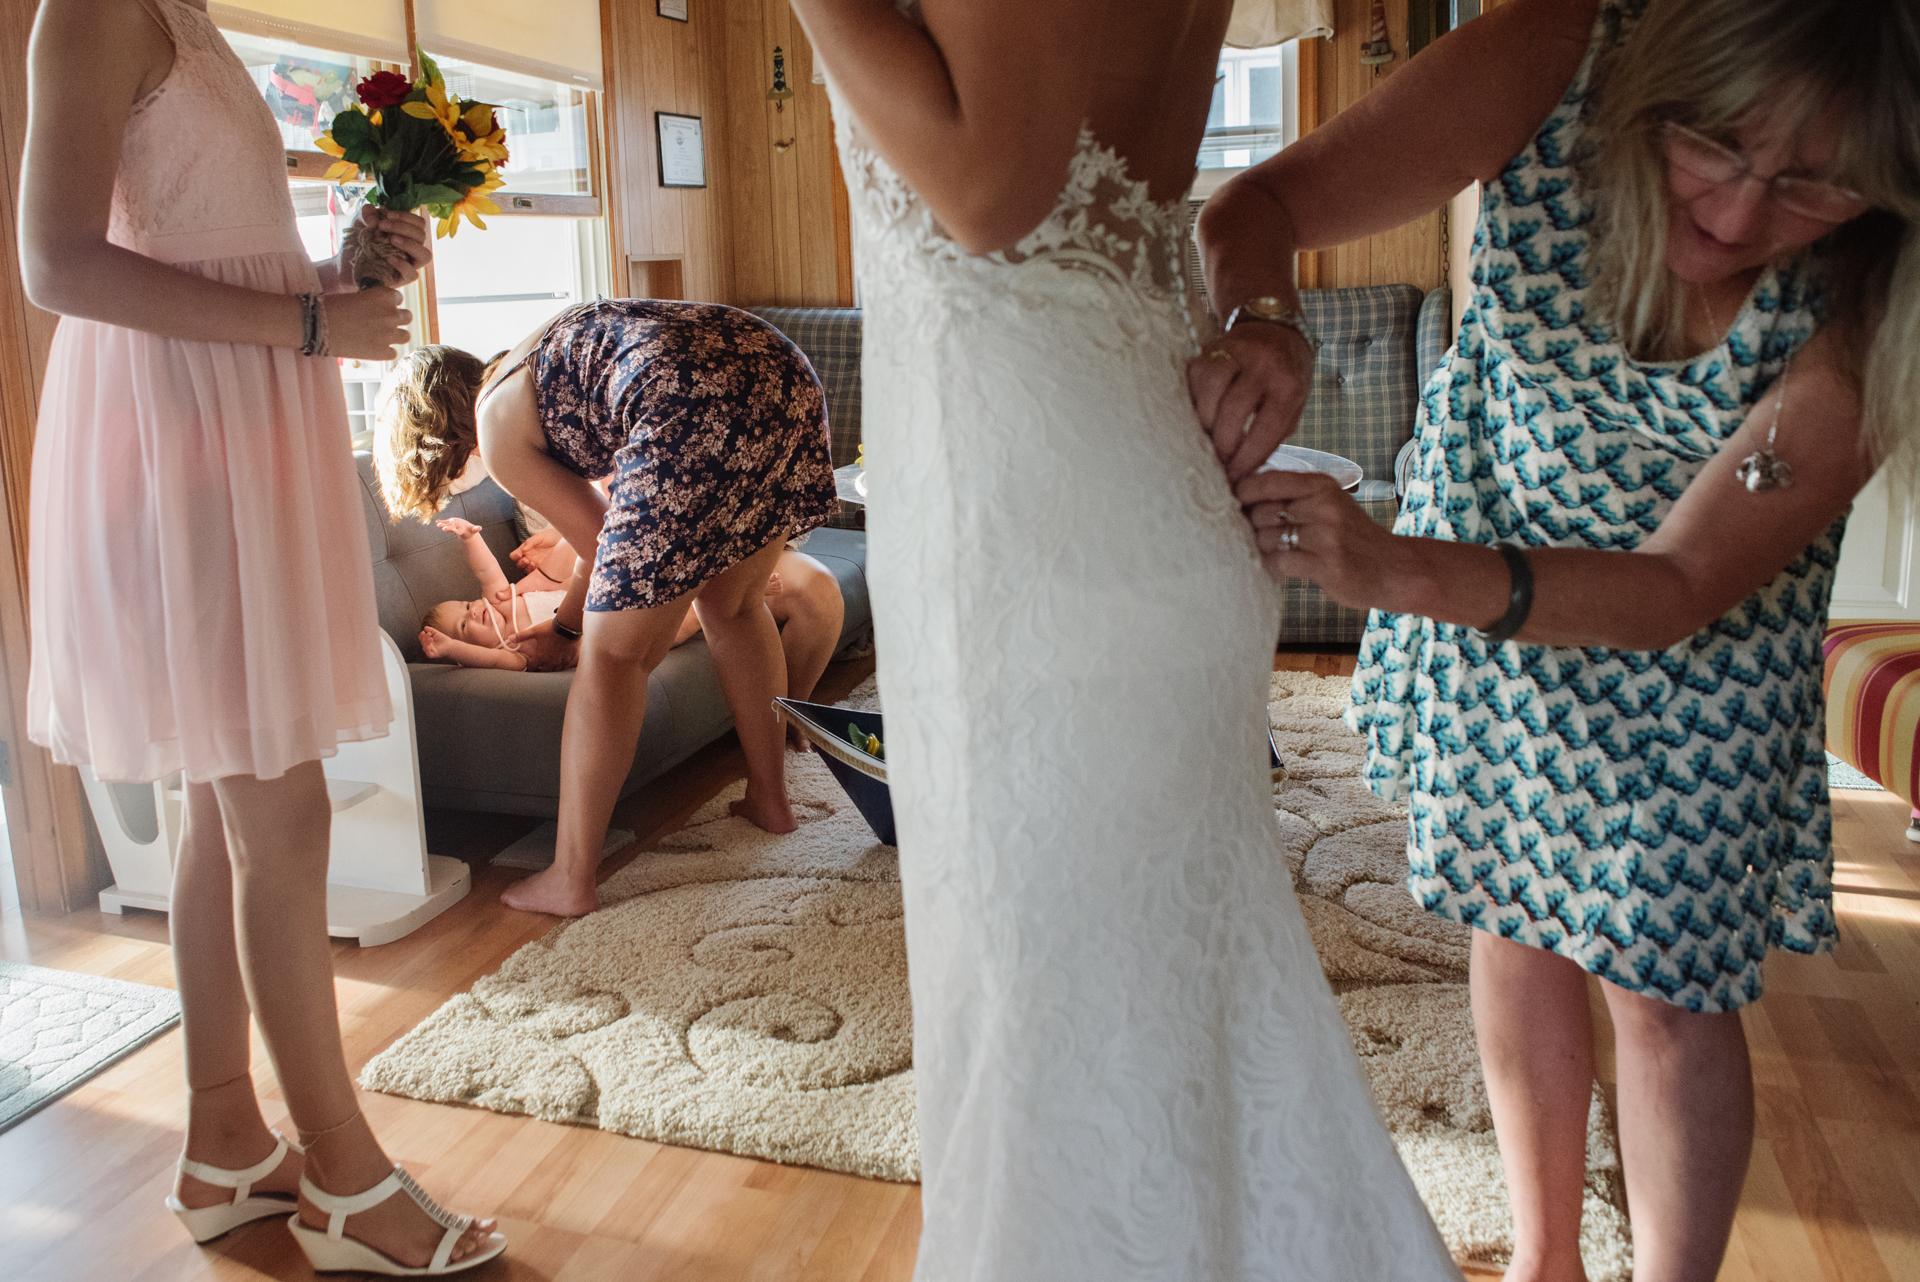 Sea Breeze, New Jersey Elopement Bilder | Die Braut und ihre Töchter erhalten Hilfe bei der Vorbereitung der intimen Hochzeitszeremonie